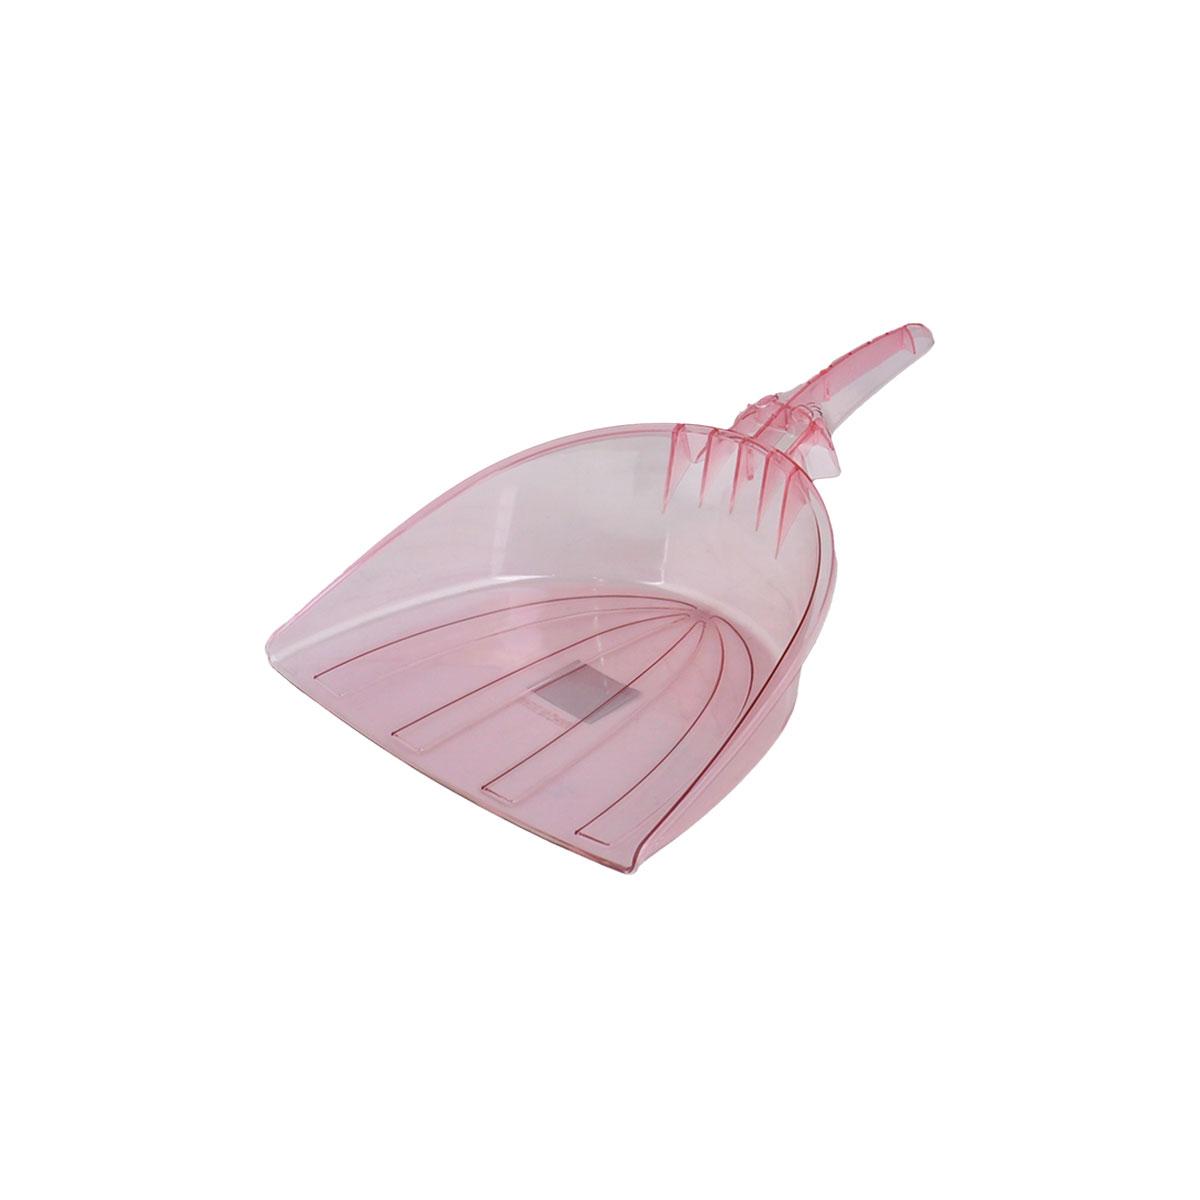 جاروف بلاستيك شفاف مصادر التوفير رقم 02822